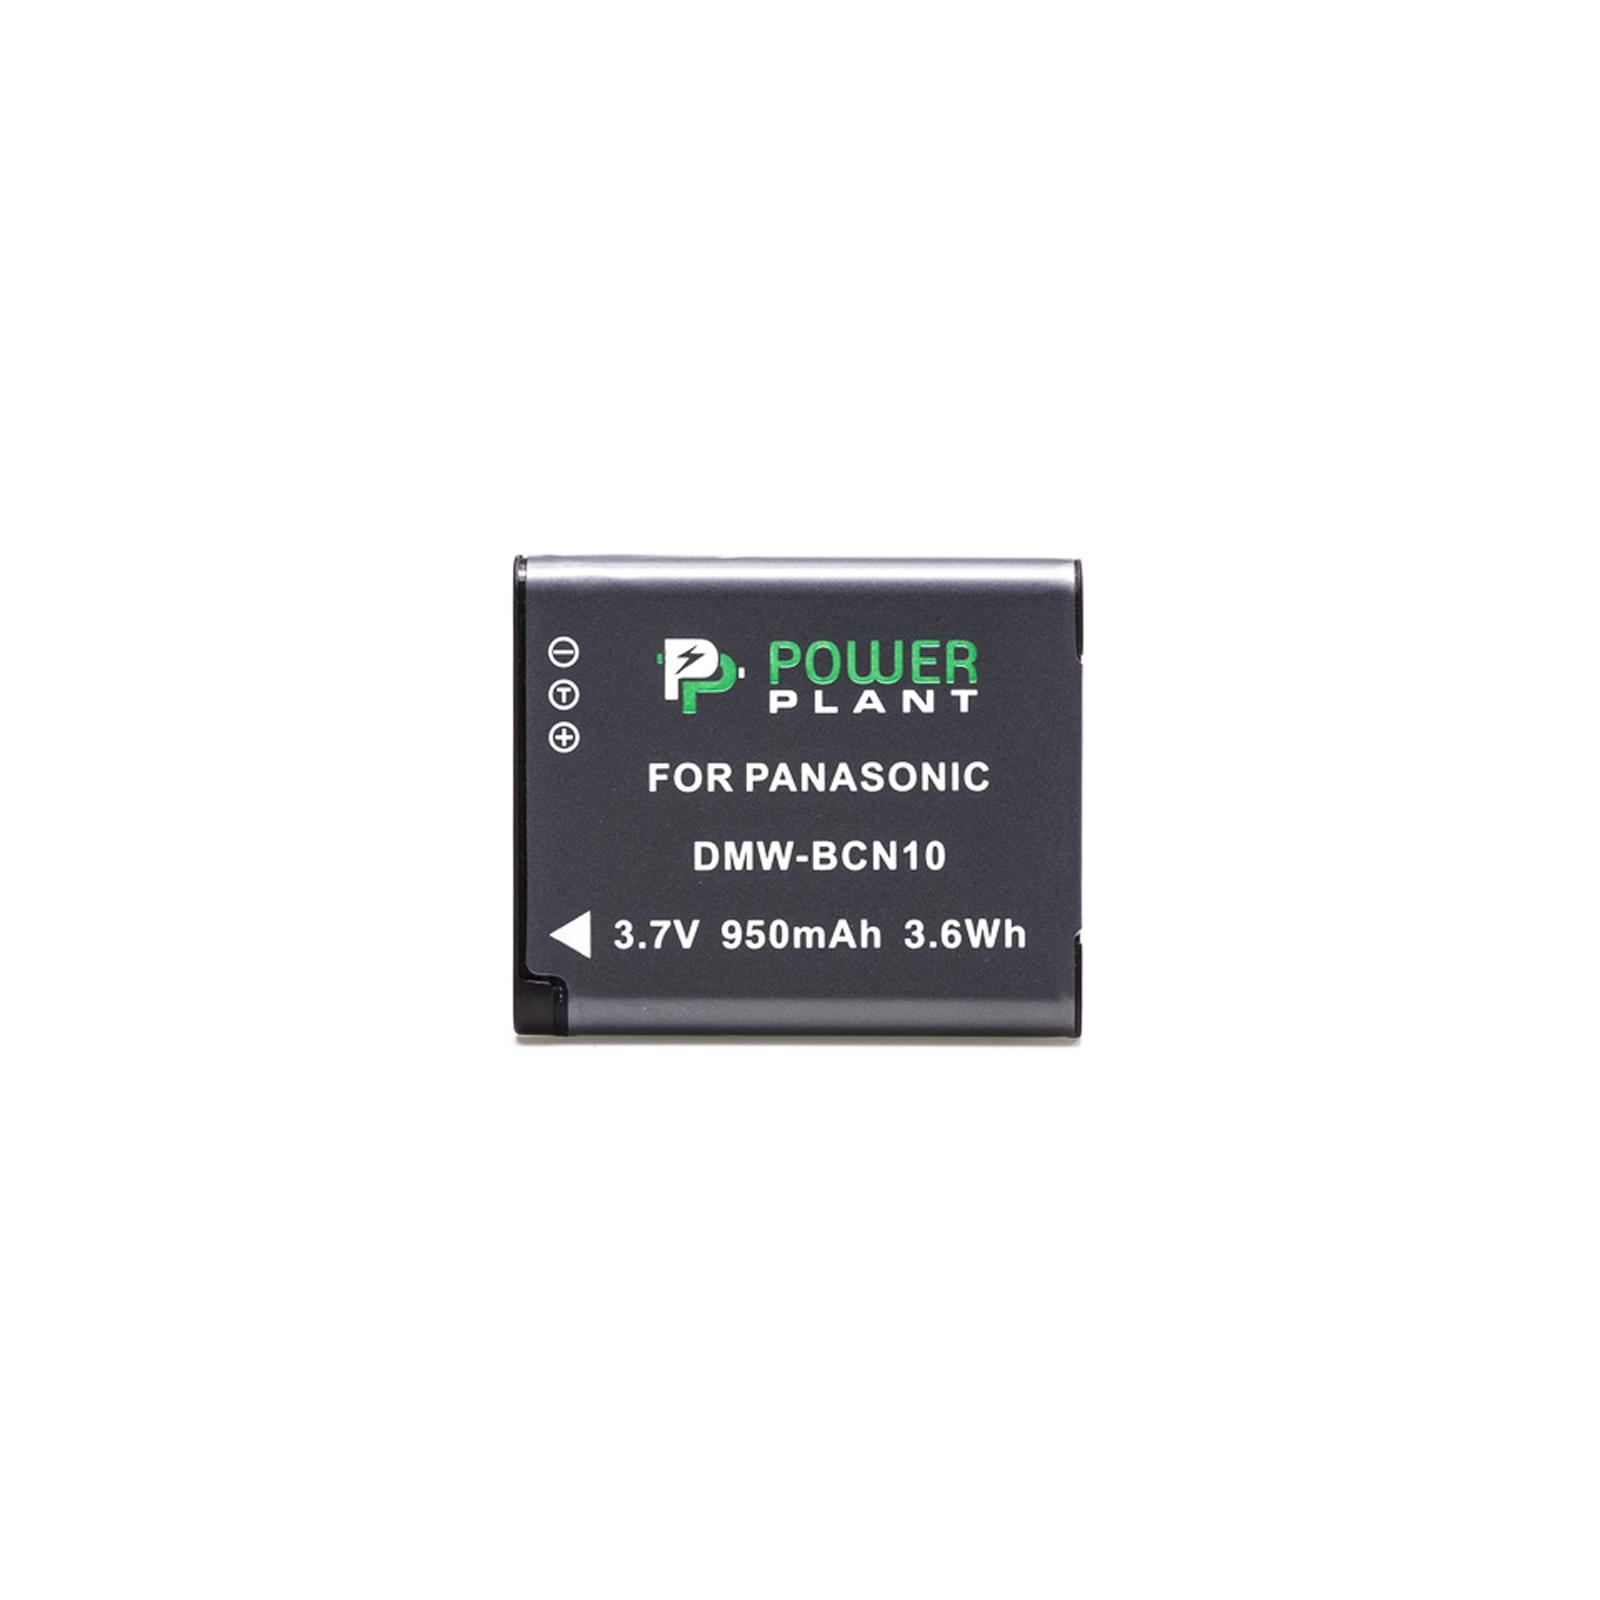 Аккумулятор к фото/видео PowerPlant Panasonic DMW-BCN10 (DV00DV1378)